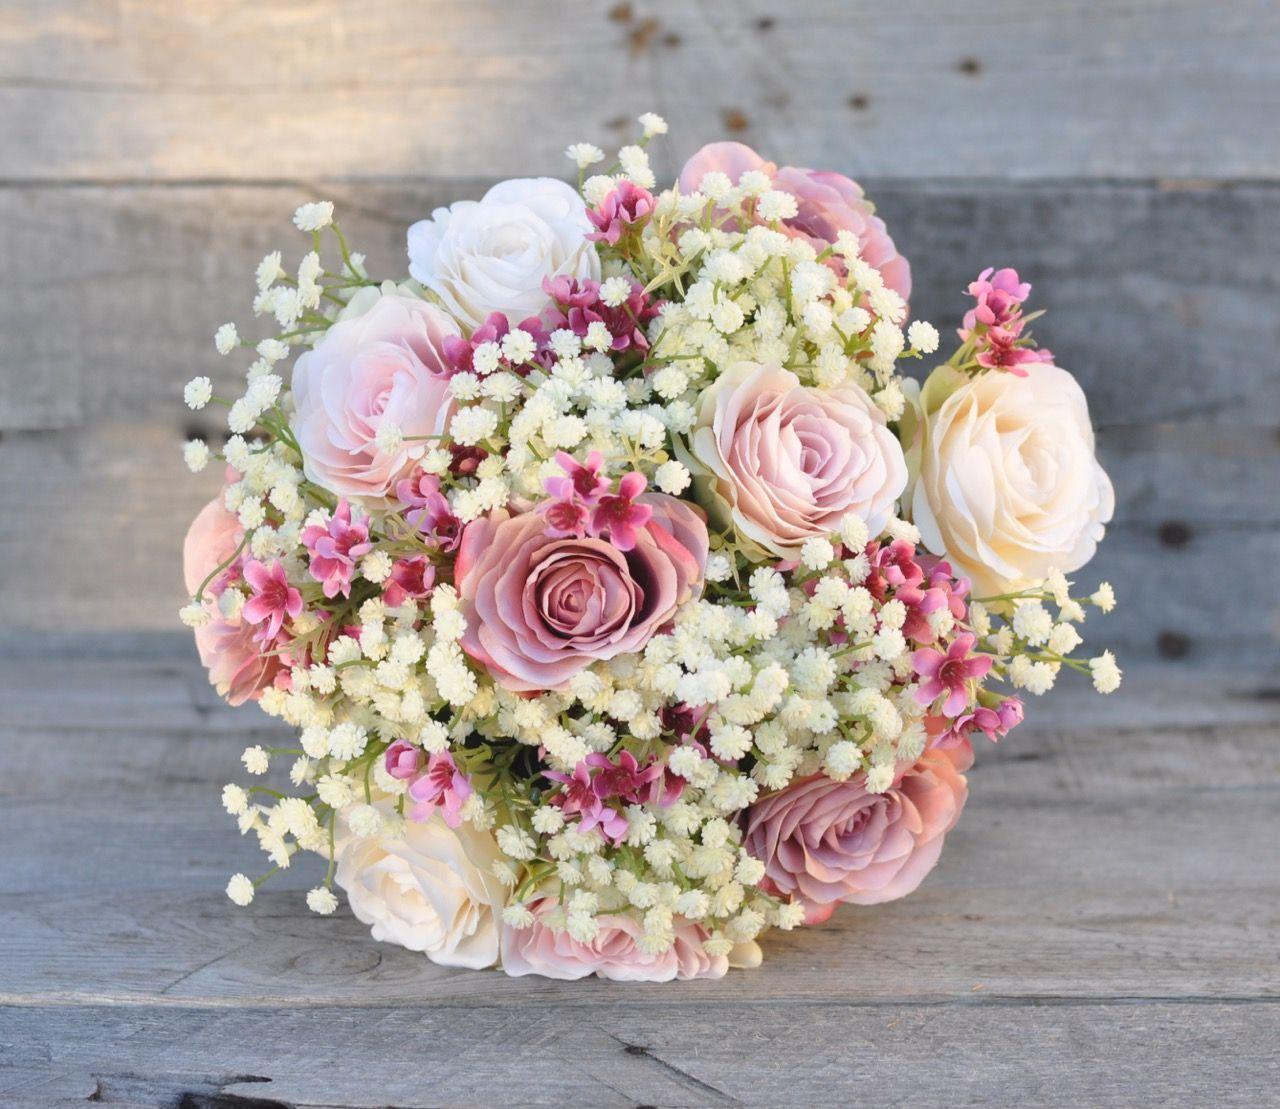 Keepsake faux flower bouquet shipping worldwide from Holly\'s Flower ...